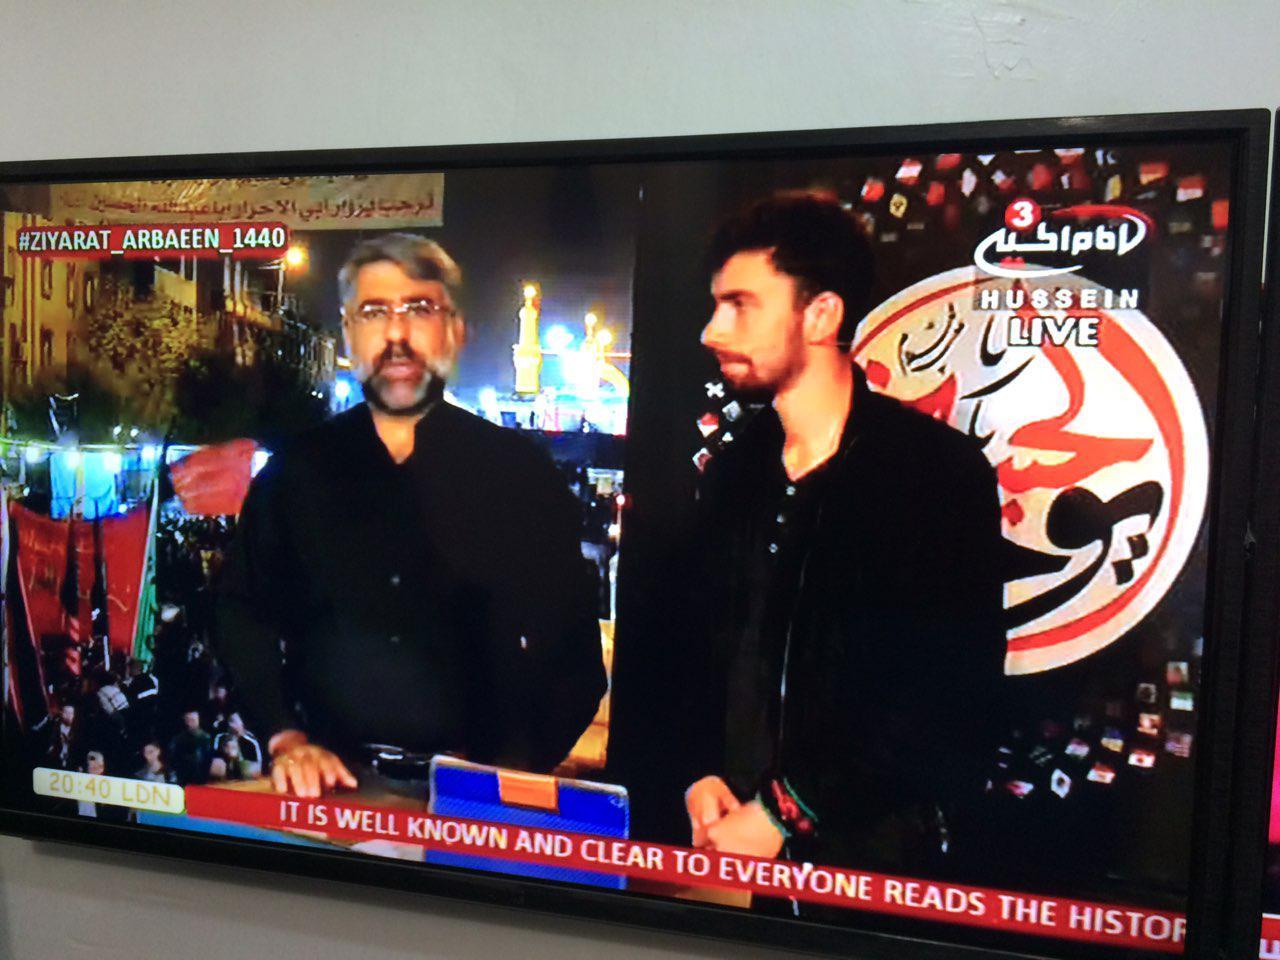 تصویر تشرف یک جوان مسیحی آلمانی به دین اسلام ، در برنامه زنده شبکه امام حسین علیه السلام